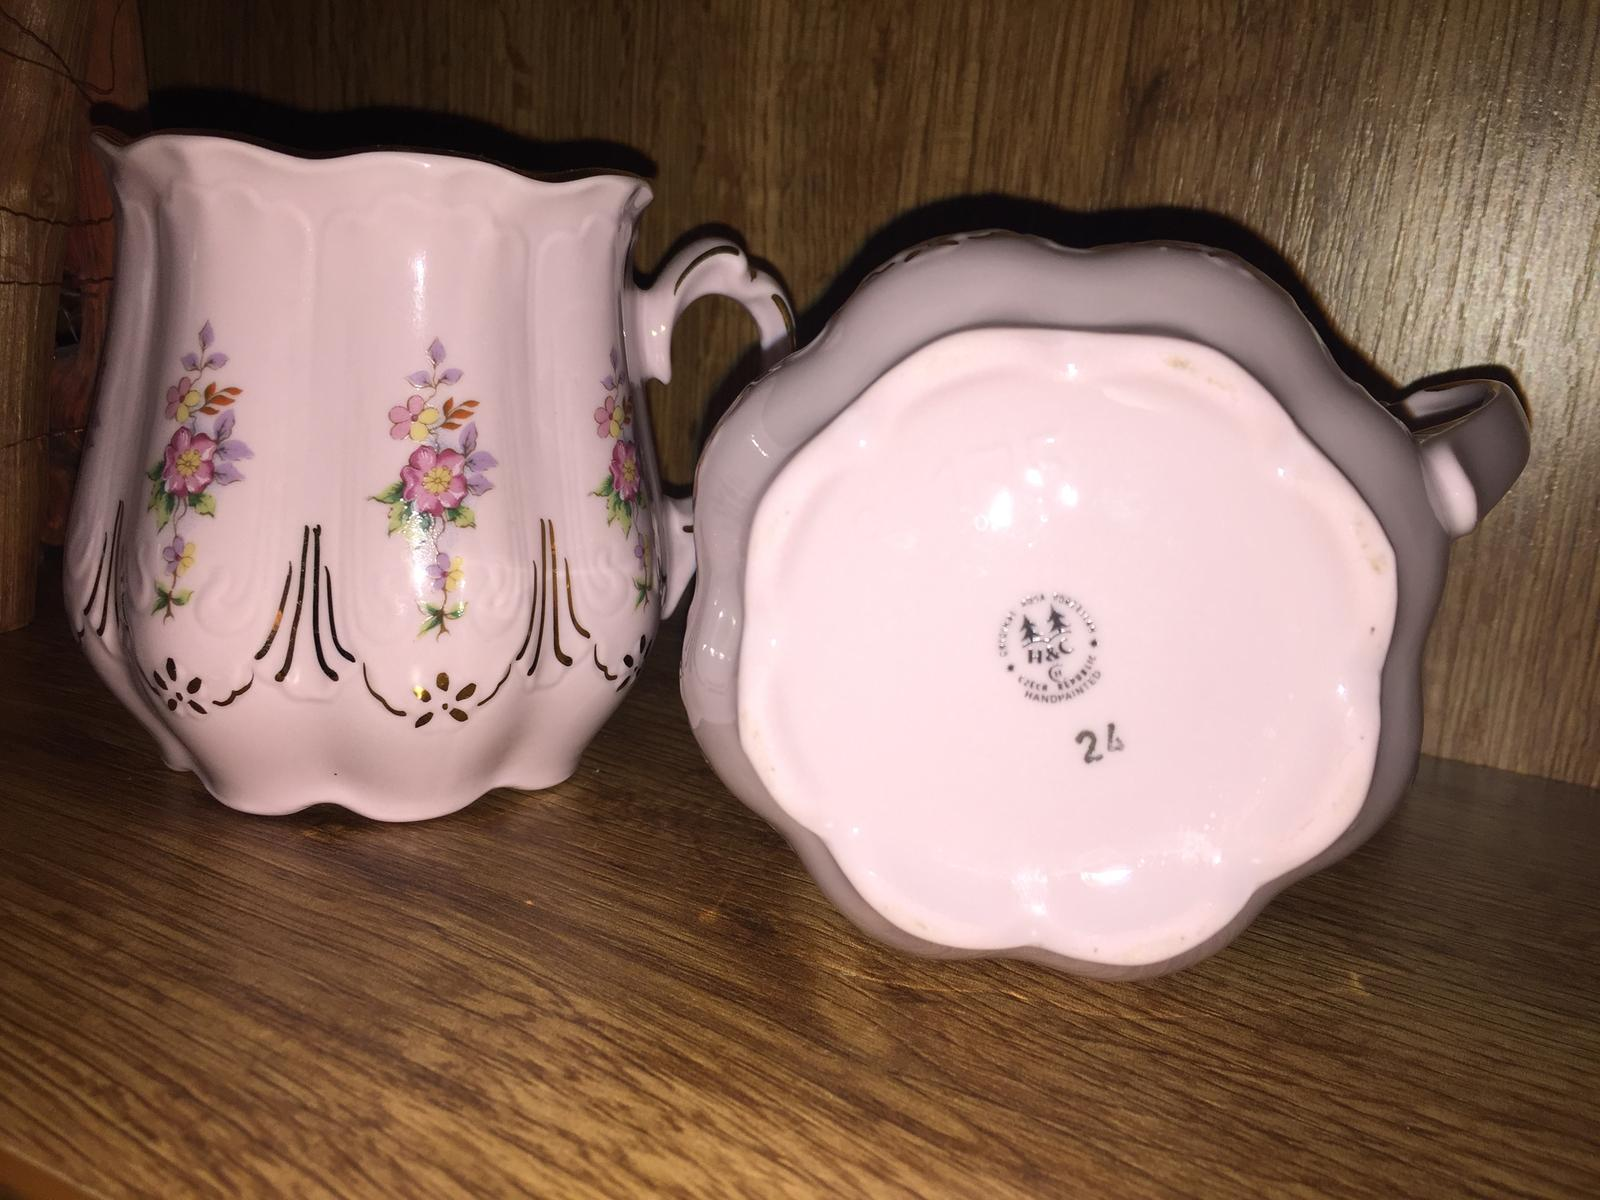 Hrnček ružový porcelan HaC - Obrázok č. 1